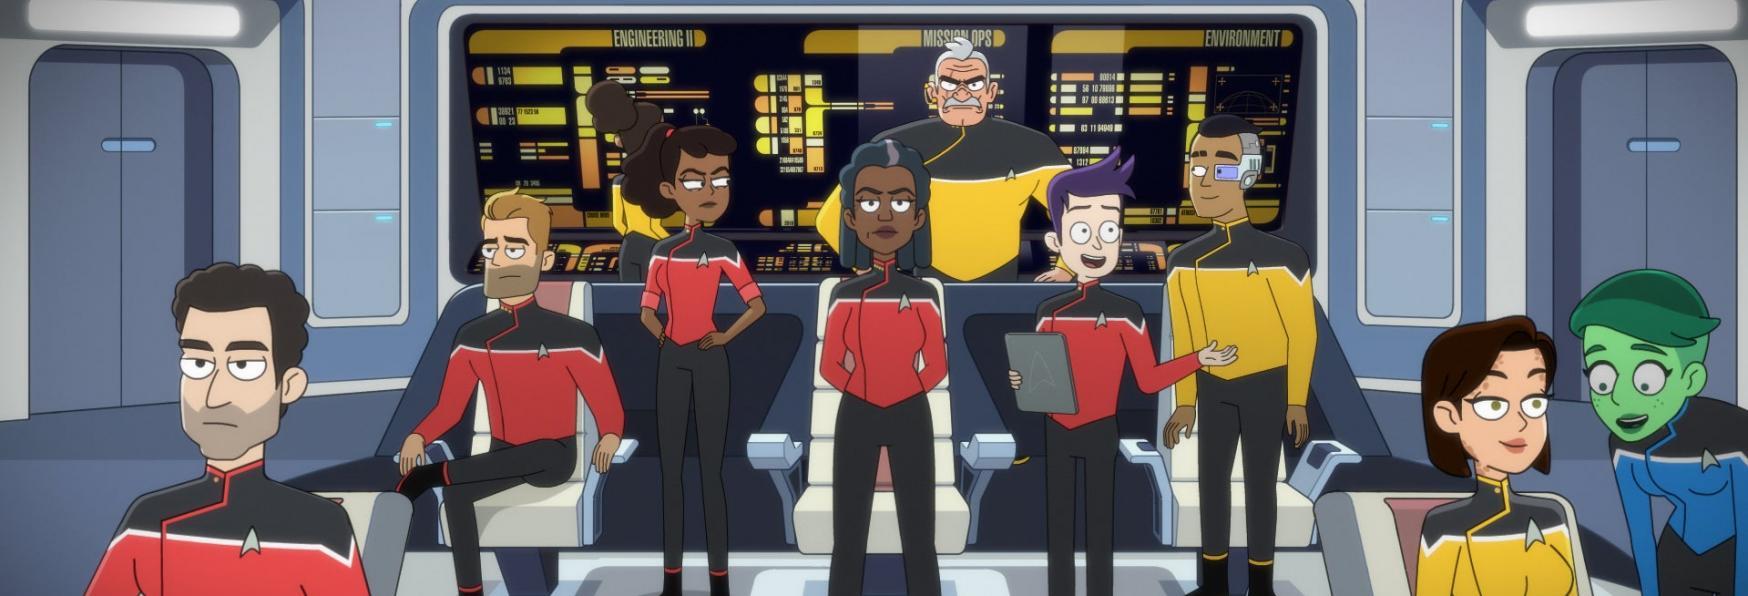 Star Trek: Lower Decks 2 - Pubblicate le nuove Immagini della Stagione inedita